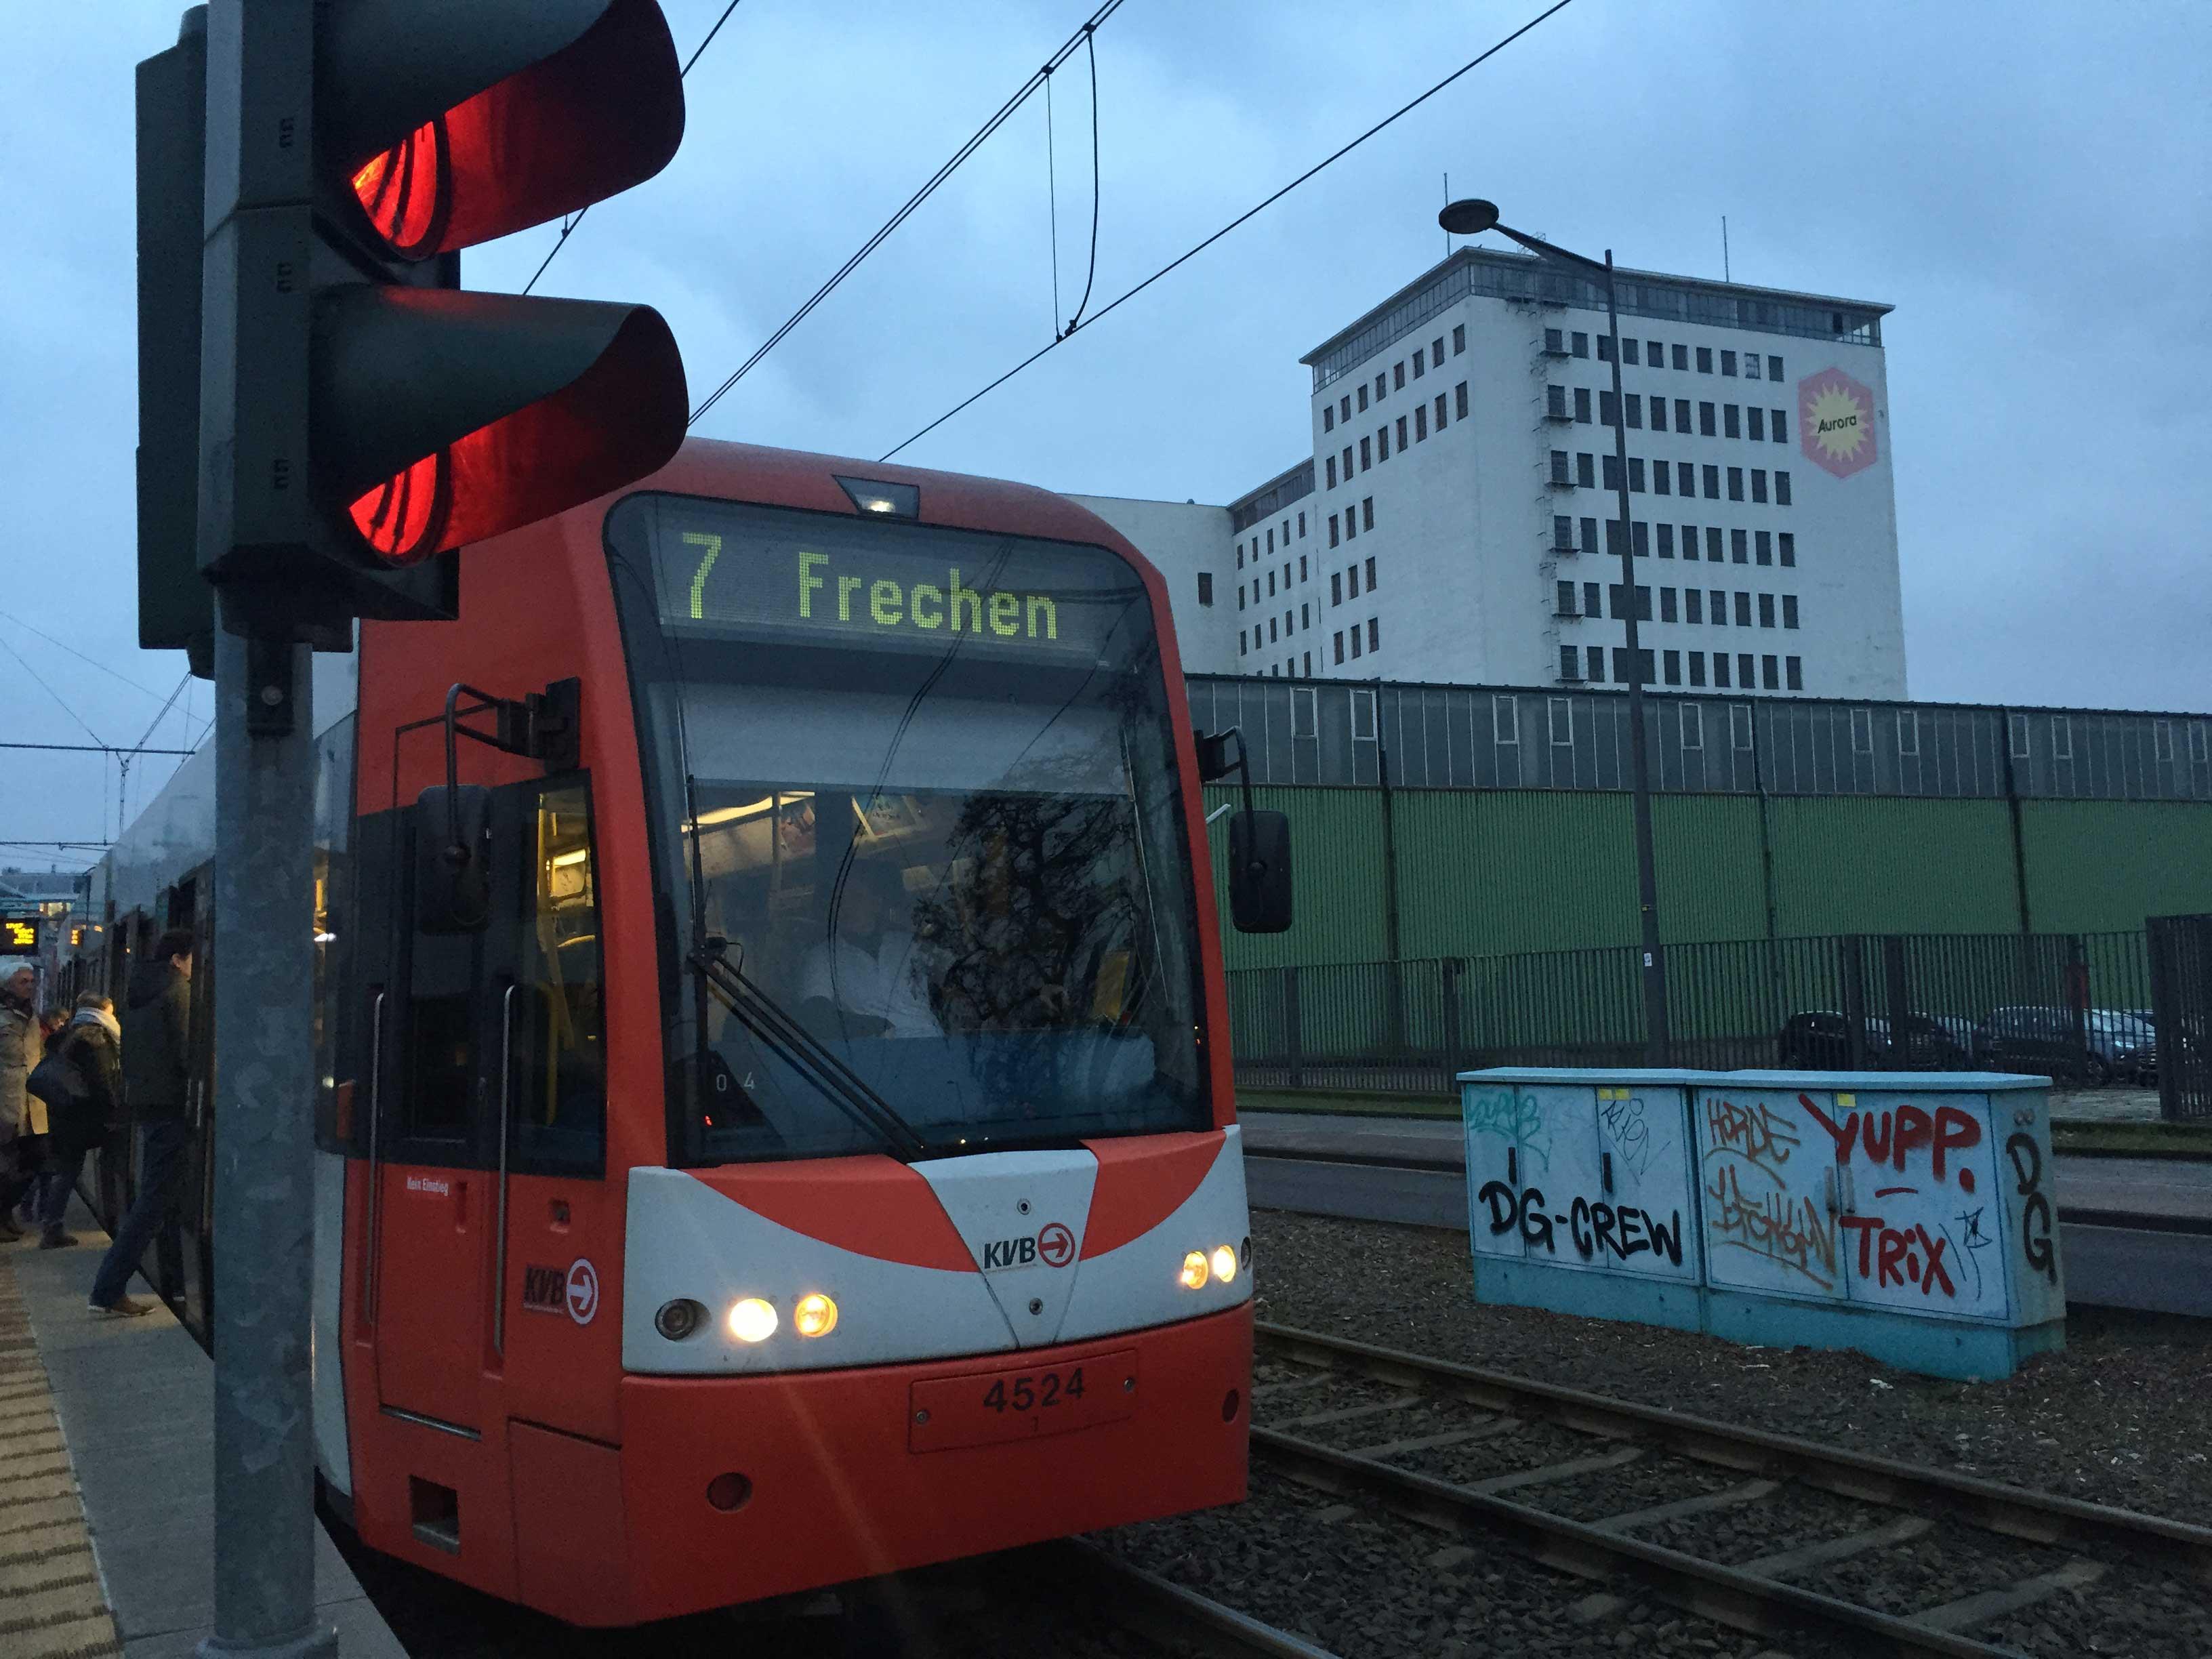 Im Bereich des Deutzer Hafens soll sich die Stadt dynamisch entwickeln. Für neue Bewohner und Beschäftigte besteht dann mit der Linie 7 bereits ein leistungsstarker Anschluss des ÖPNV.